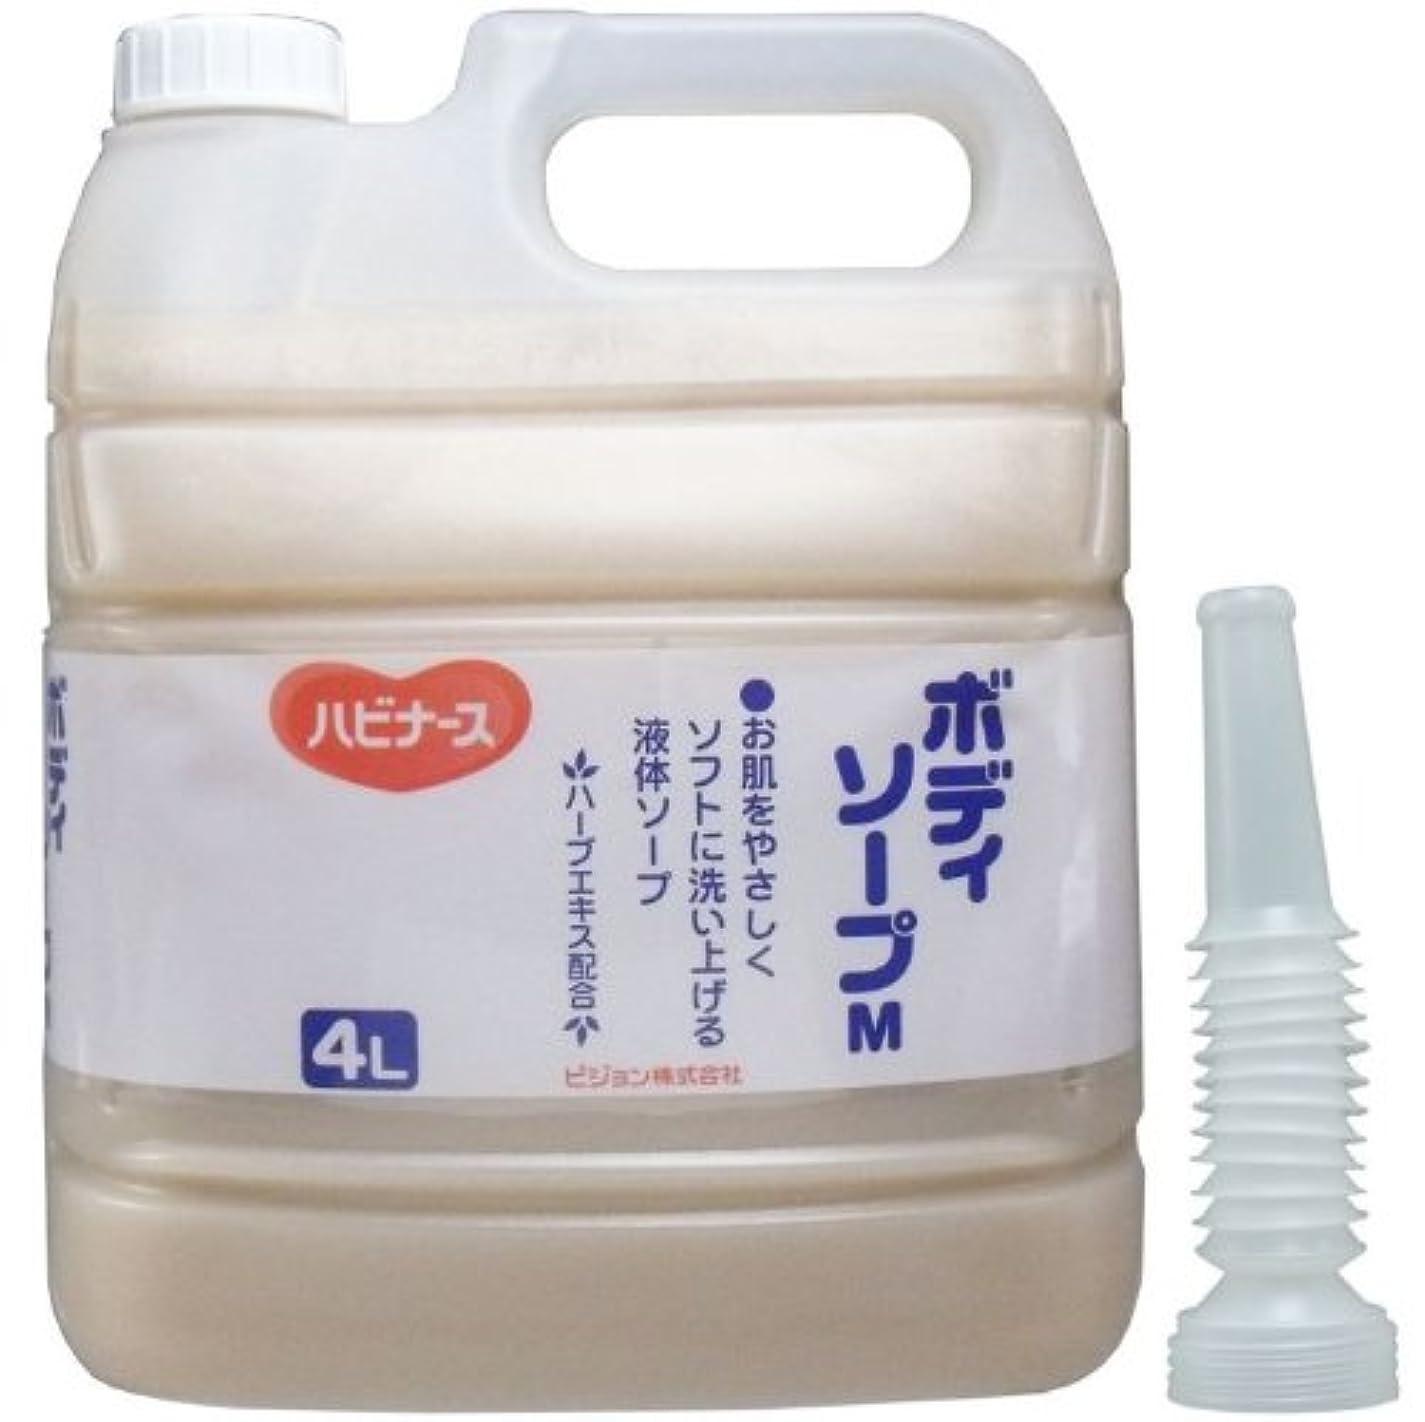 グレートオークスリーブ利用可能液体ソープ ボディソープ 風呂 石ケン お肌をやさしくソフトに洗い上げる!業務用 4L【3個セット】